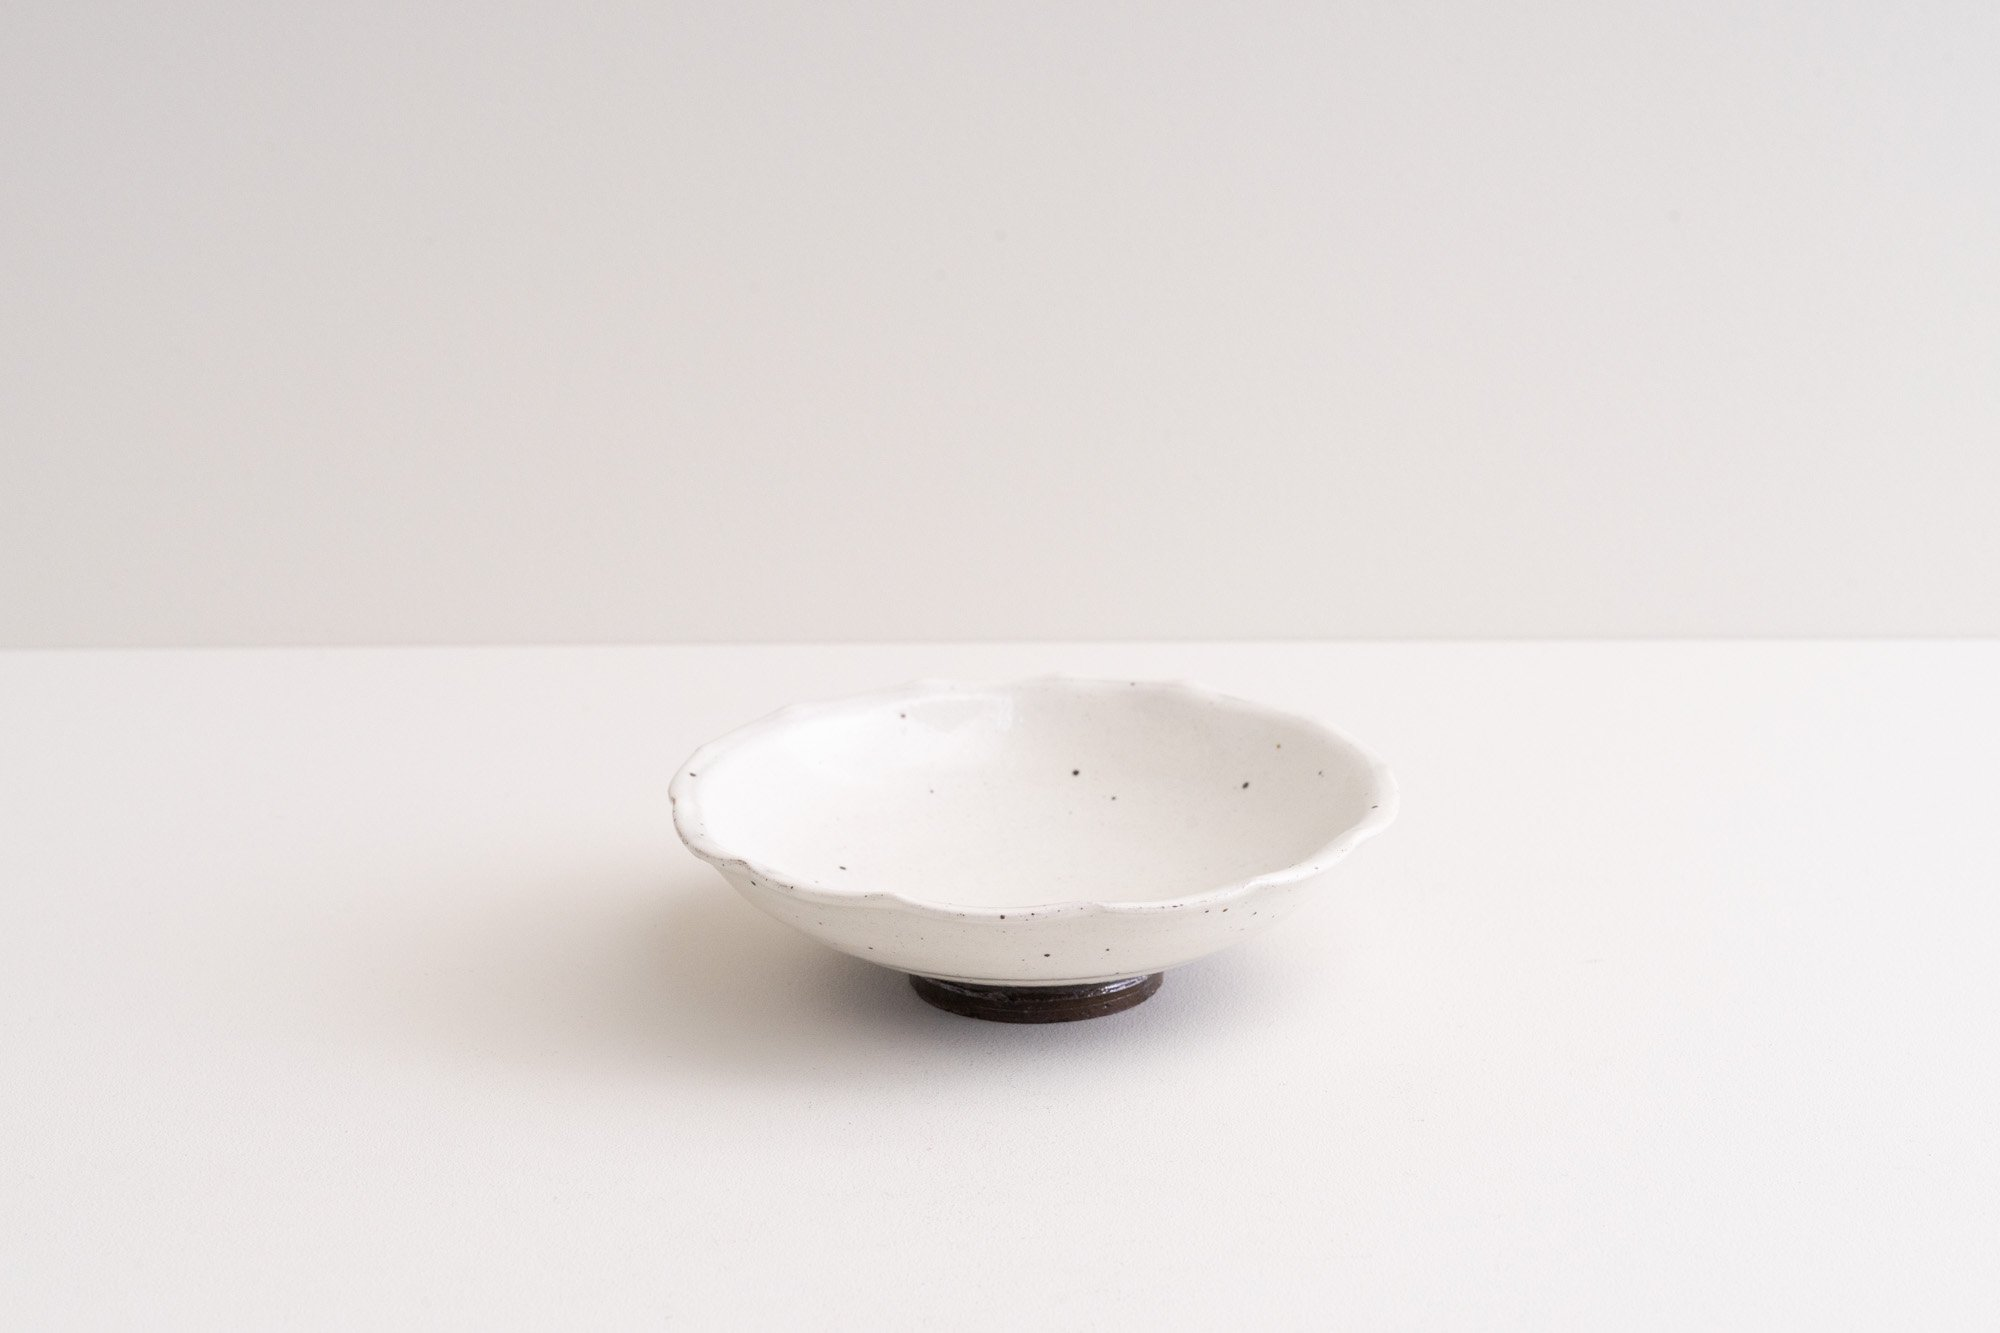 粉引ふちなぶり皿